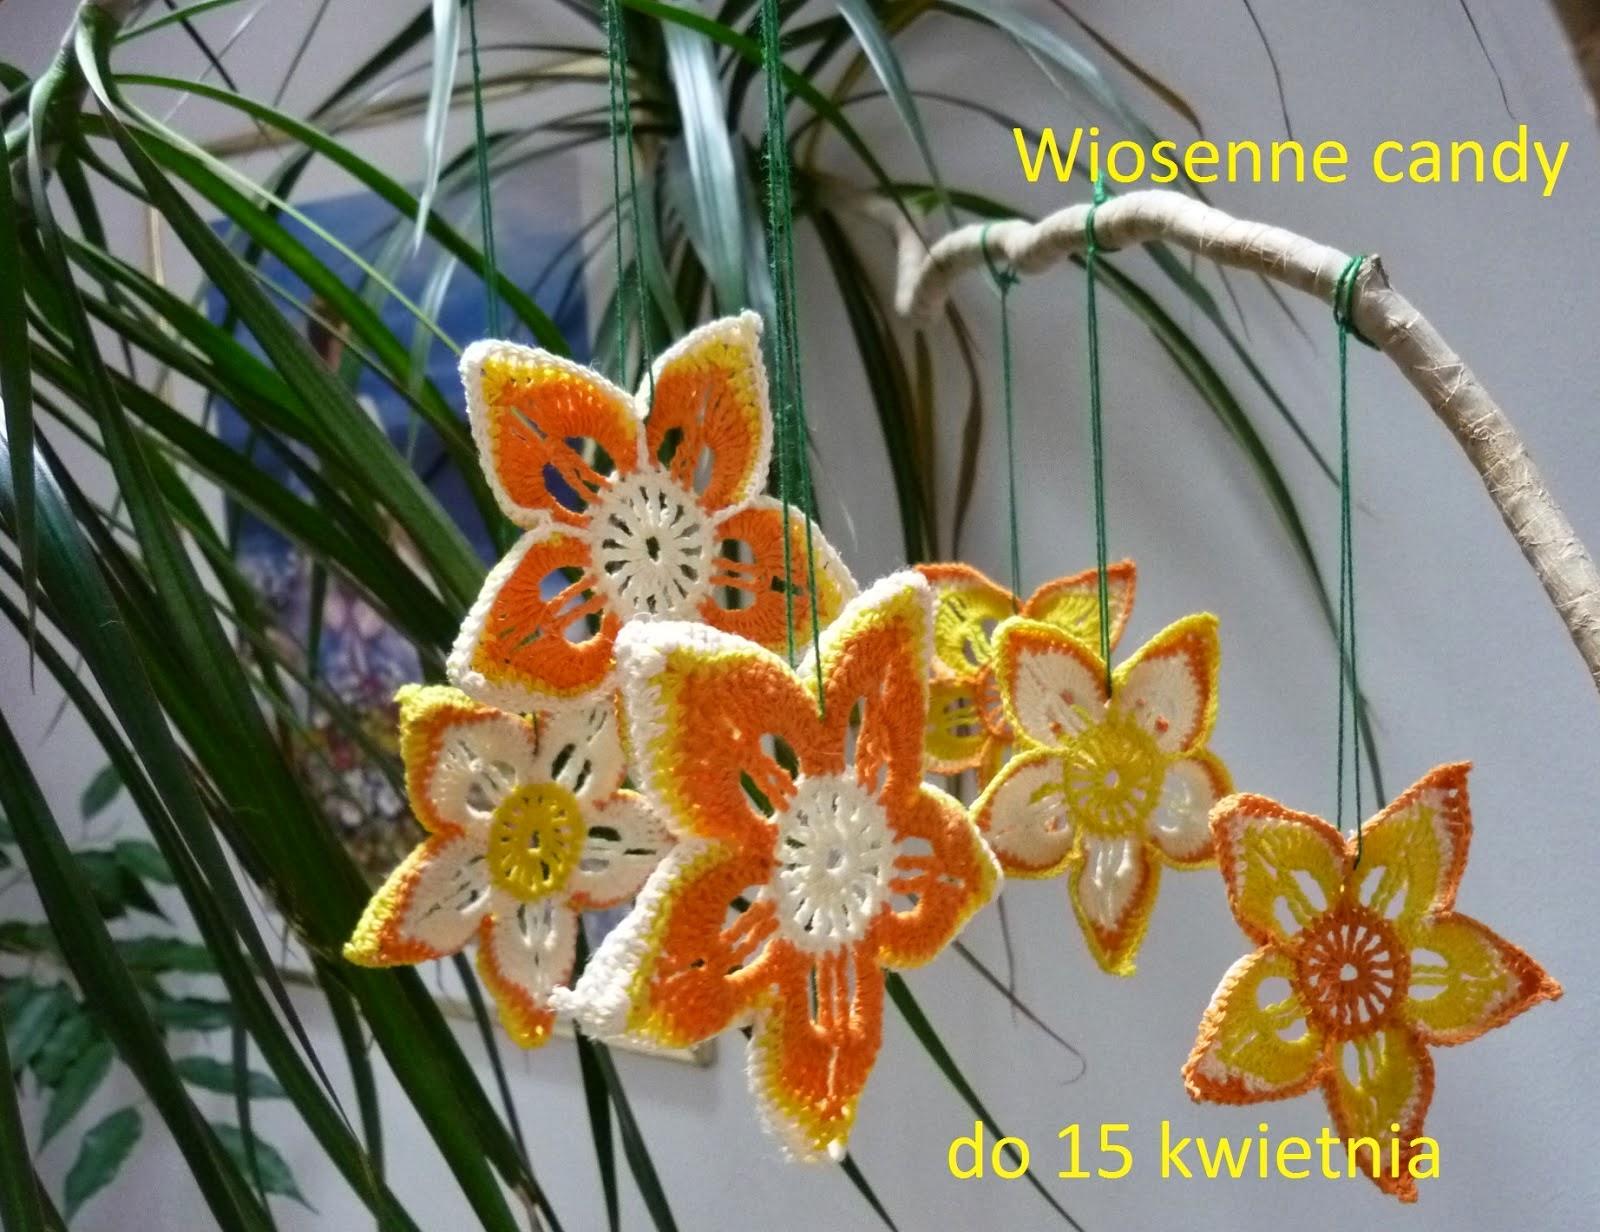 Wiosenne Candy u Ewy